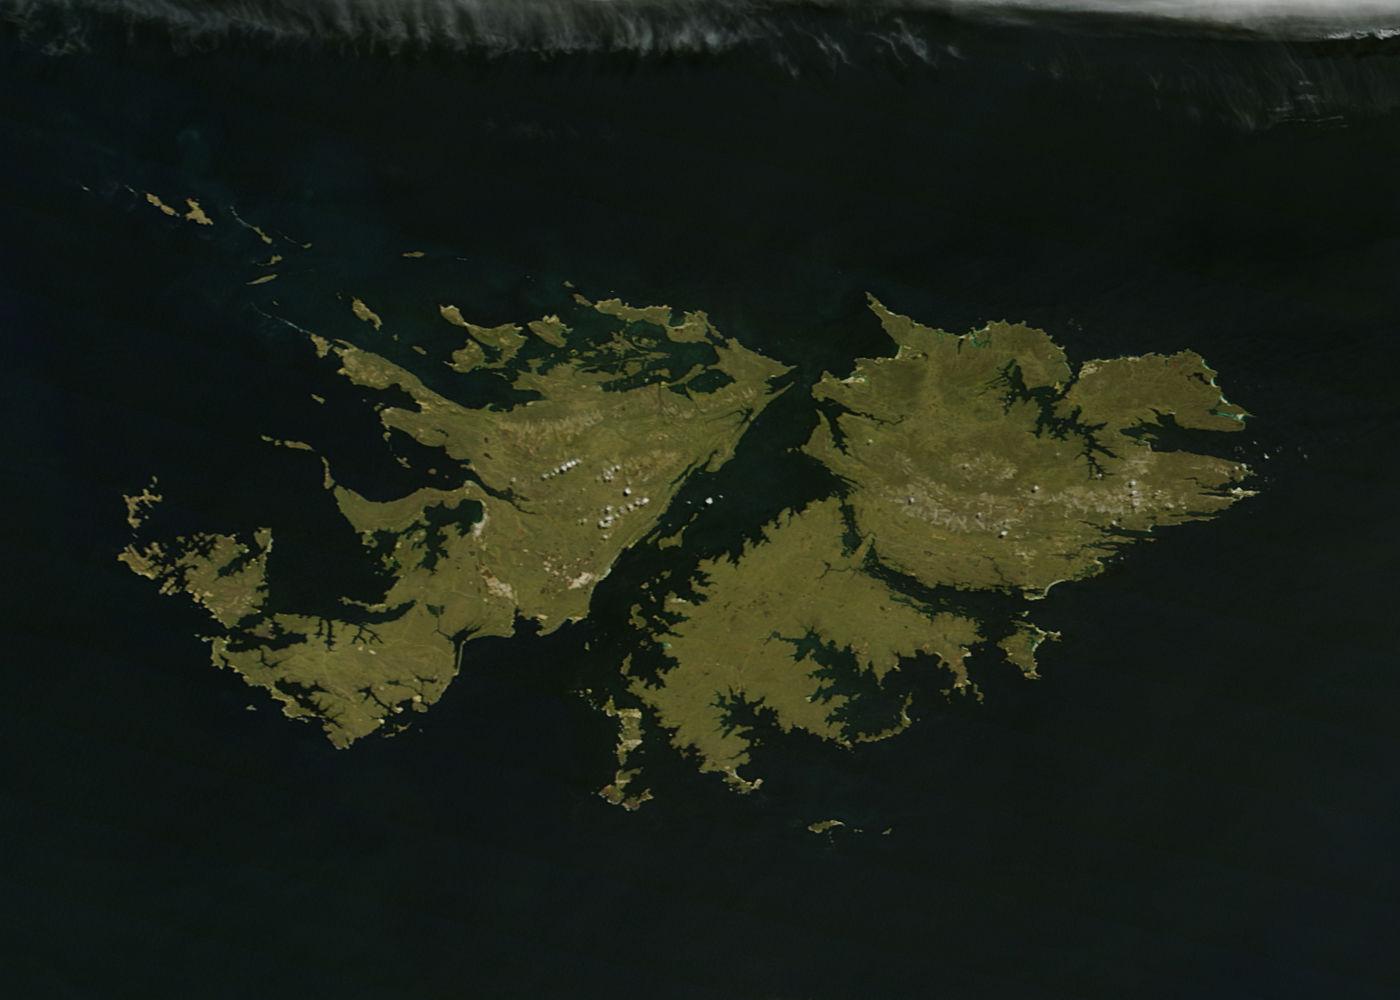 फ़ॉकलैंड द्वीपसमूह